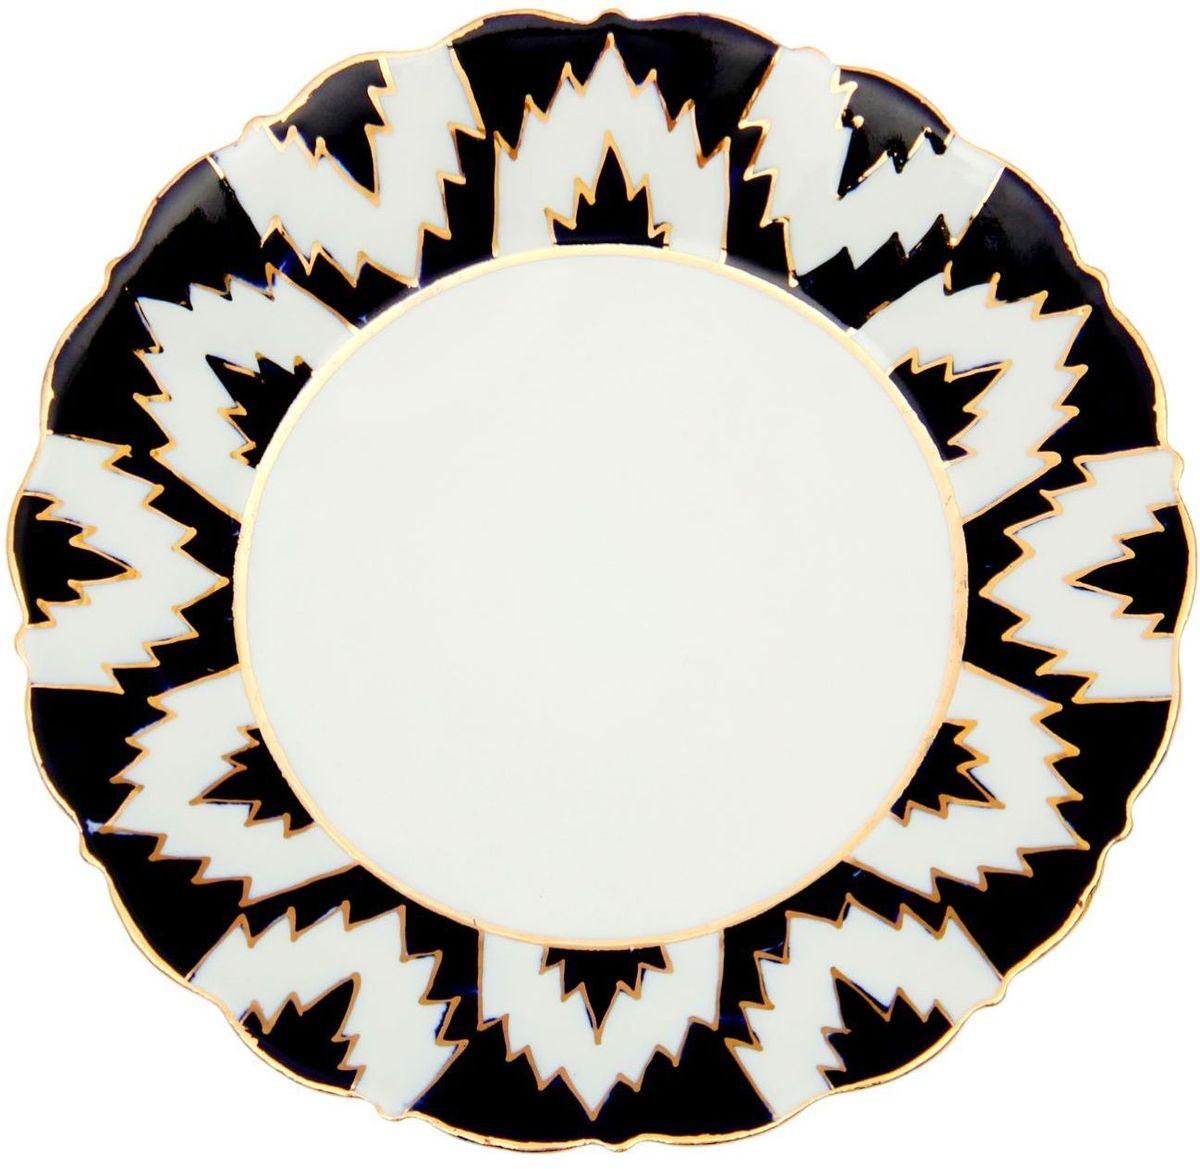 Тарелка Turon Porcelain Атлас, цвет: белый, синий, золотистый, диаметр 17,5 см1625404Тарелка Turon Porcelain Атлас, выполненная из качественного фарфора, подойдет для повседневной и праздничной сервировки. Дополните стол текстилем и салфетками в тон, чтобы получить элегантное убранство с яркими акцентами.Национальная узбекская роспись Атлас имеет симметричный геометрический рисунок. Узоры, похожие на листья, выводятся тонкой кистью, фон заливается темно-синим кобальтом. Синий краситель при обжиге слегка растекается и придает контуру изображений голубой оттенок. Густая глазурь наносится толстым слоем, благодаря чему рисунок мерцает.Узбекская посуда известна всему миру уже более тысячи лет. Ей любовались царские особы, на ней подавали еду для шейхов и знатных персон. Формулы красок и глазури передаются из поколения в поколение. По сей день качественные расписные изделия продолжают восхищать совершенством и завораживающей красотой.